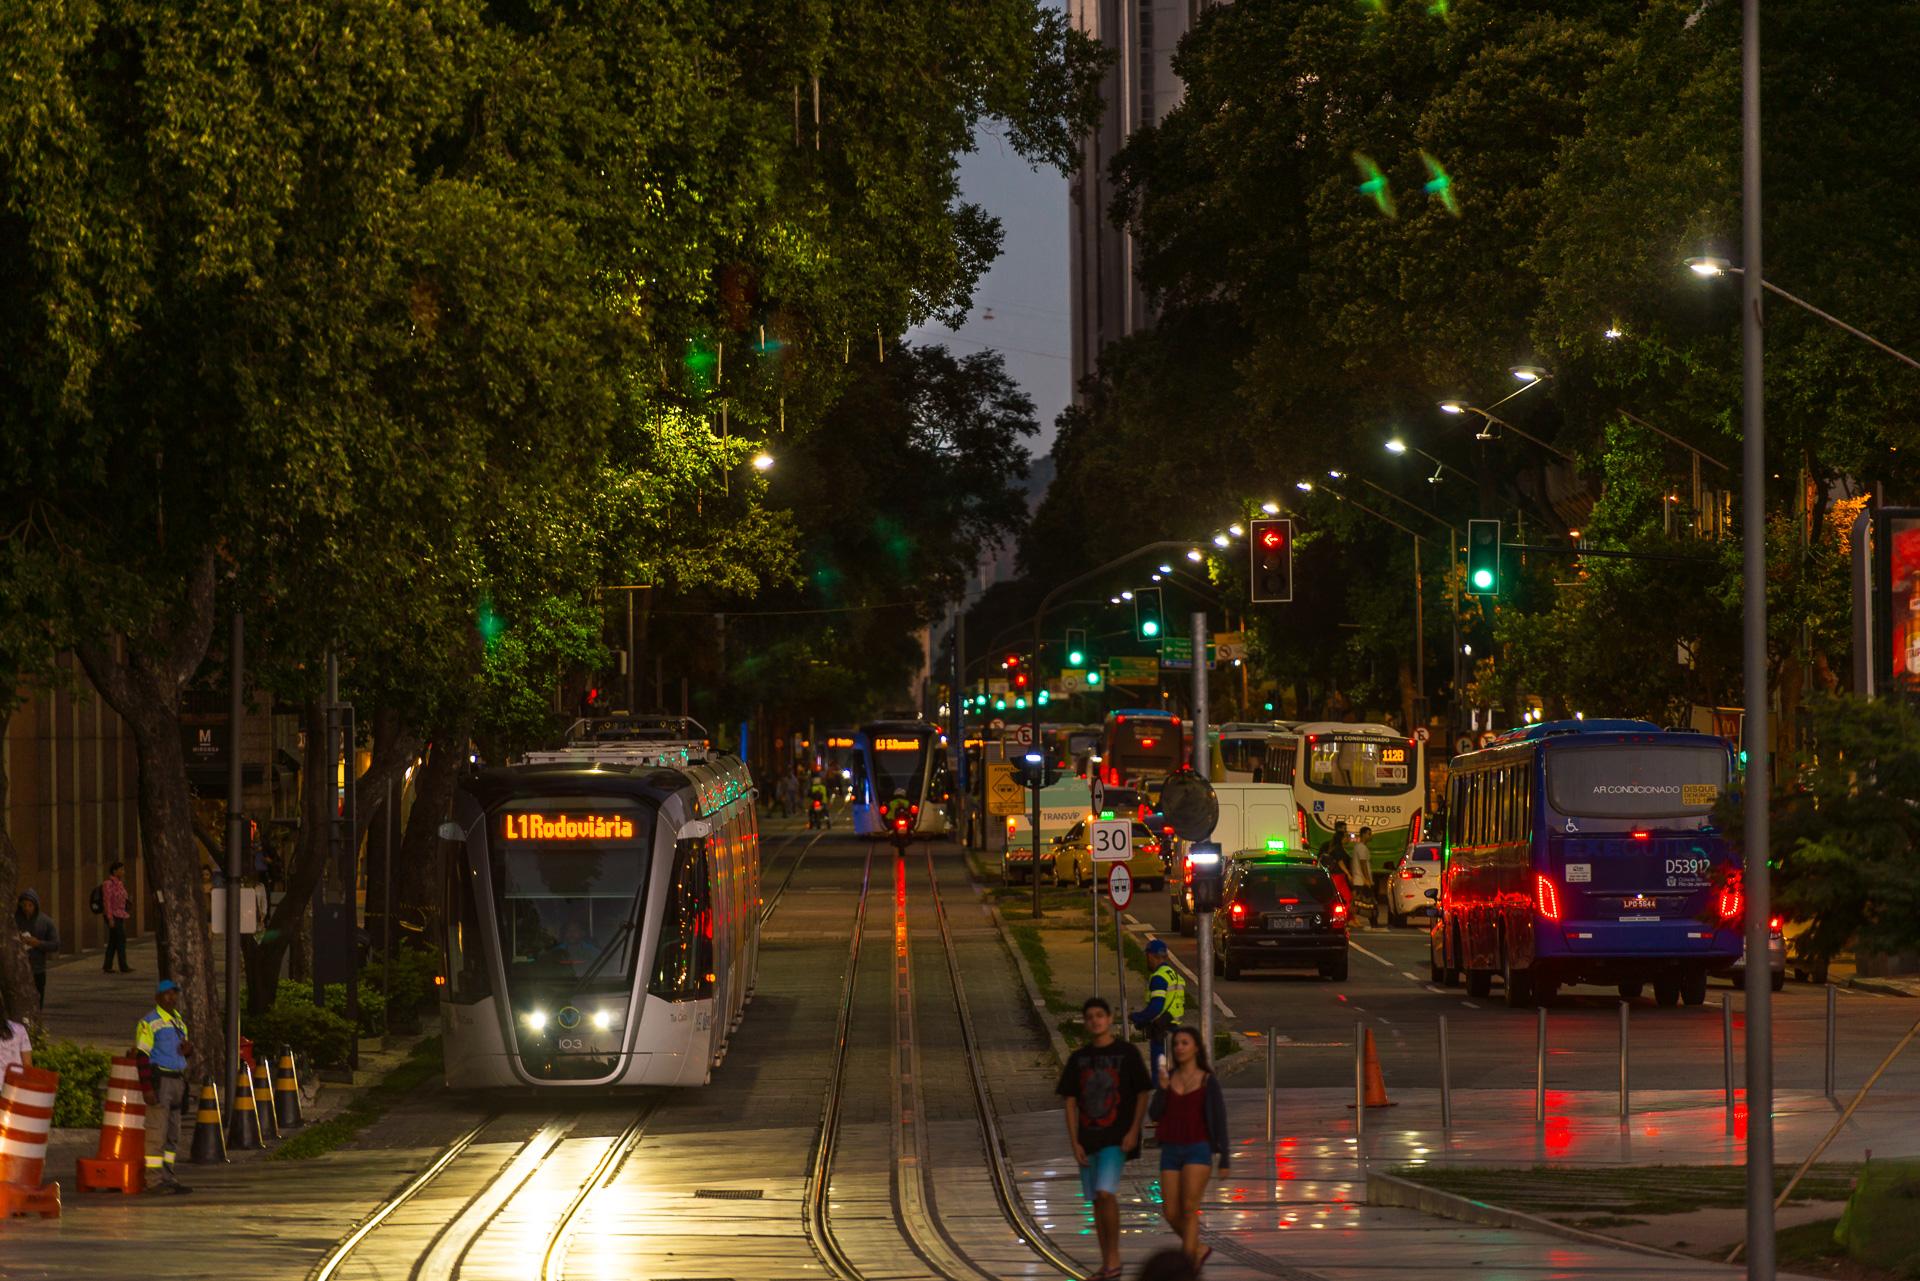 02/06/2017_VLT.Rio. locação: Praça Mauá. Parada dos Navios e Parada dos Museus.